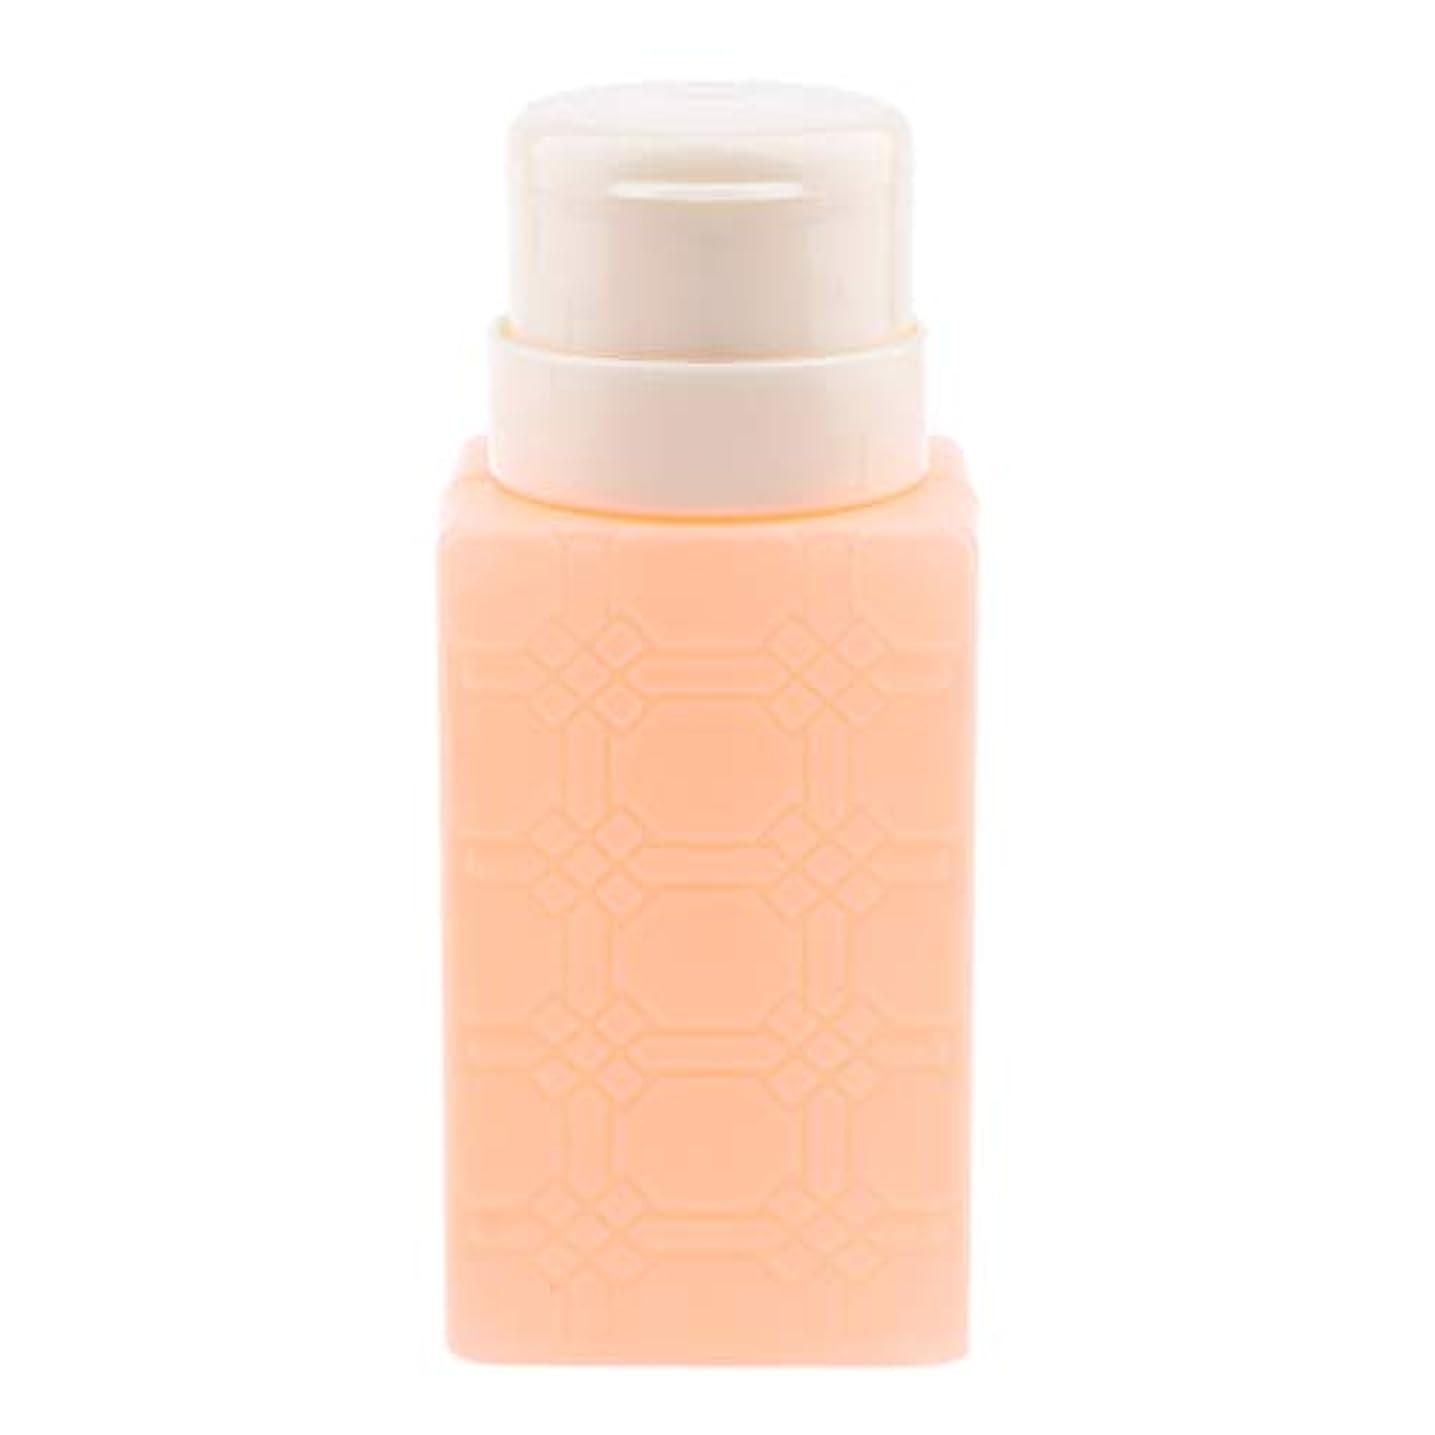 いつ入場料海洋の200ml ネイルアート ディスペンサーポンプボトル ネイルサロン 4色選べ - オレンジ